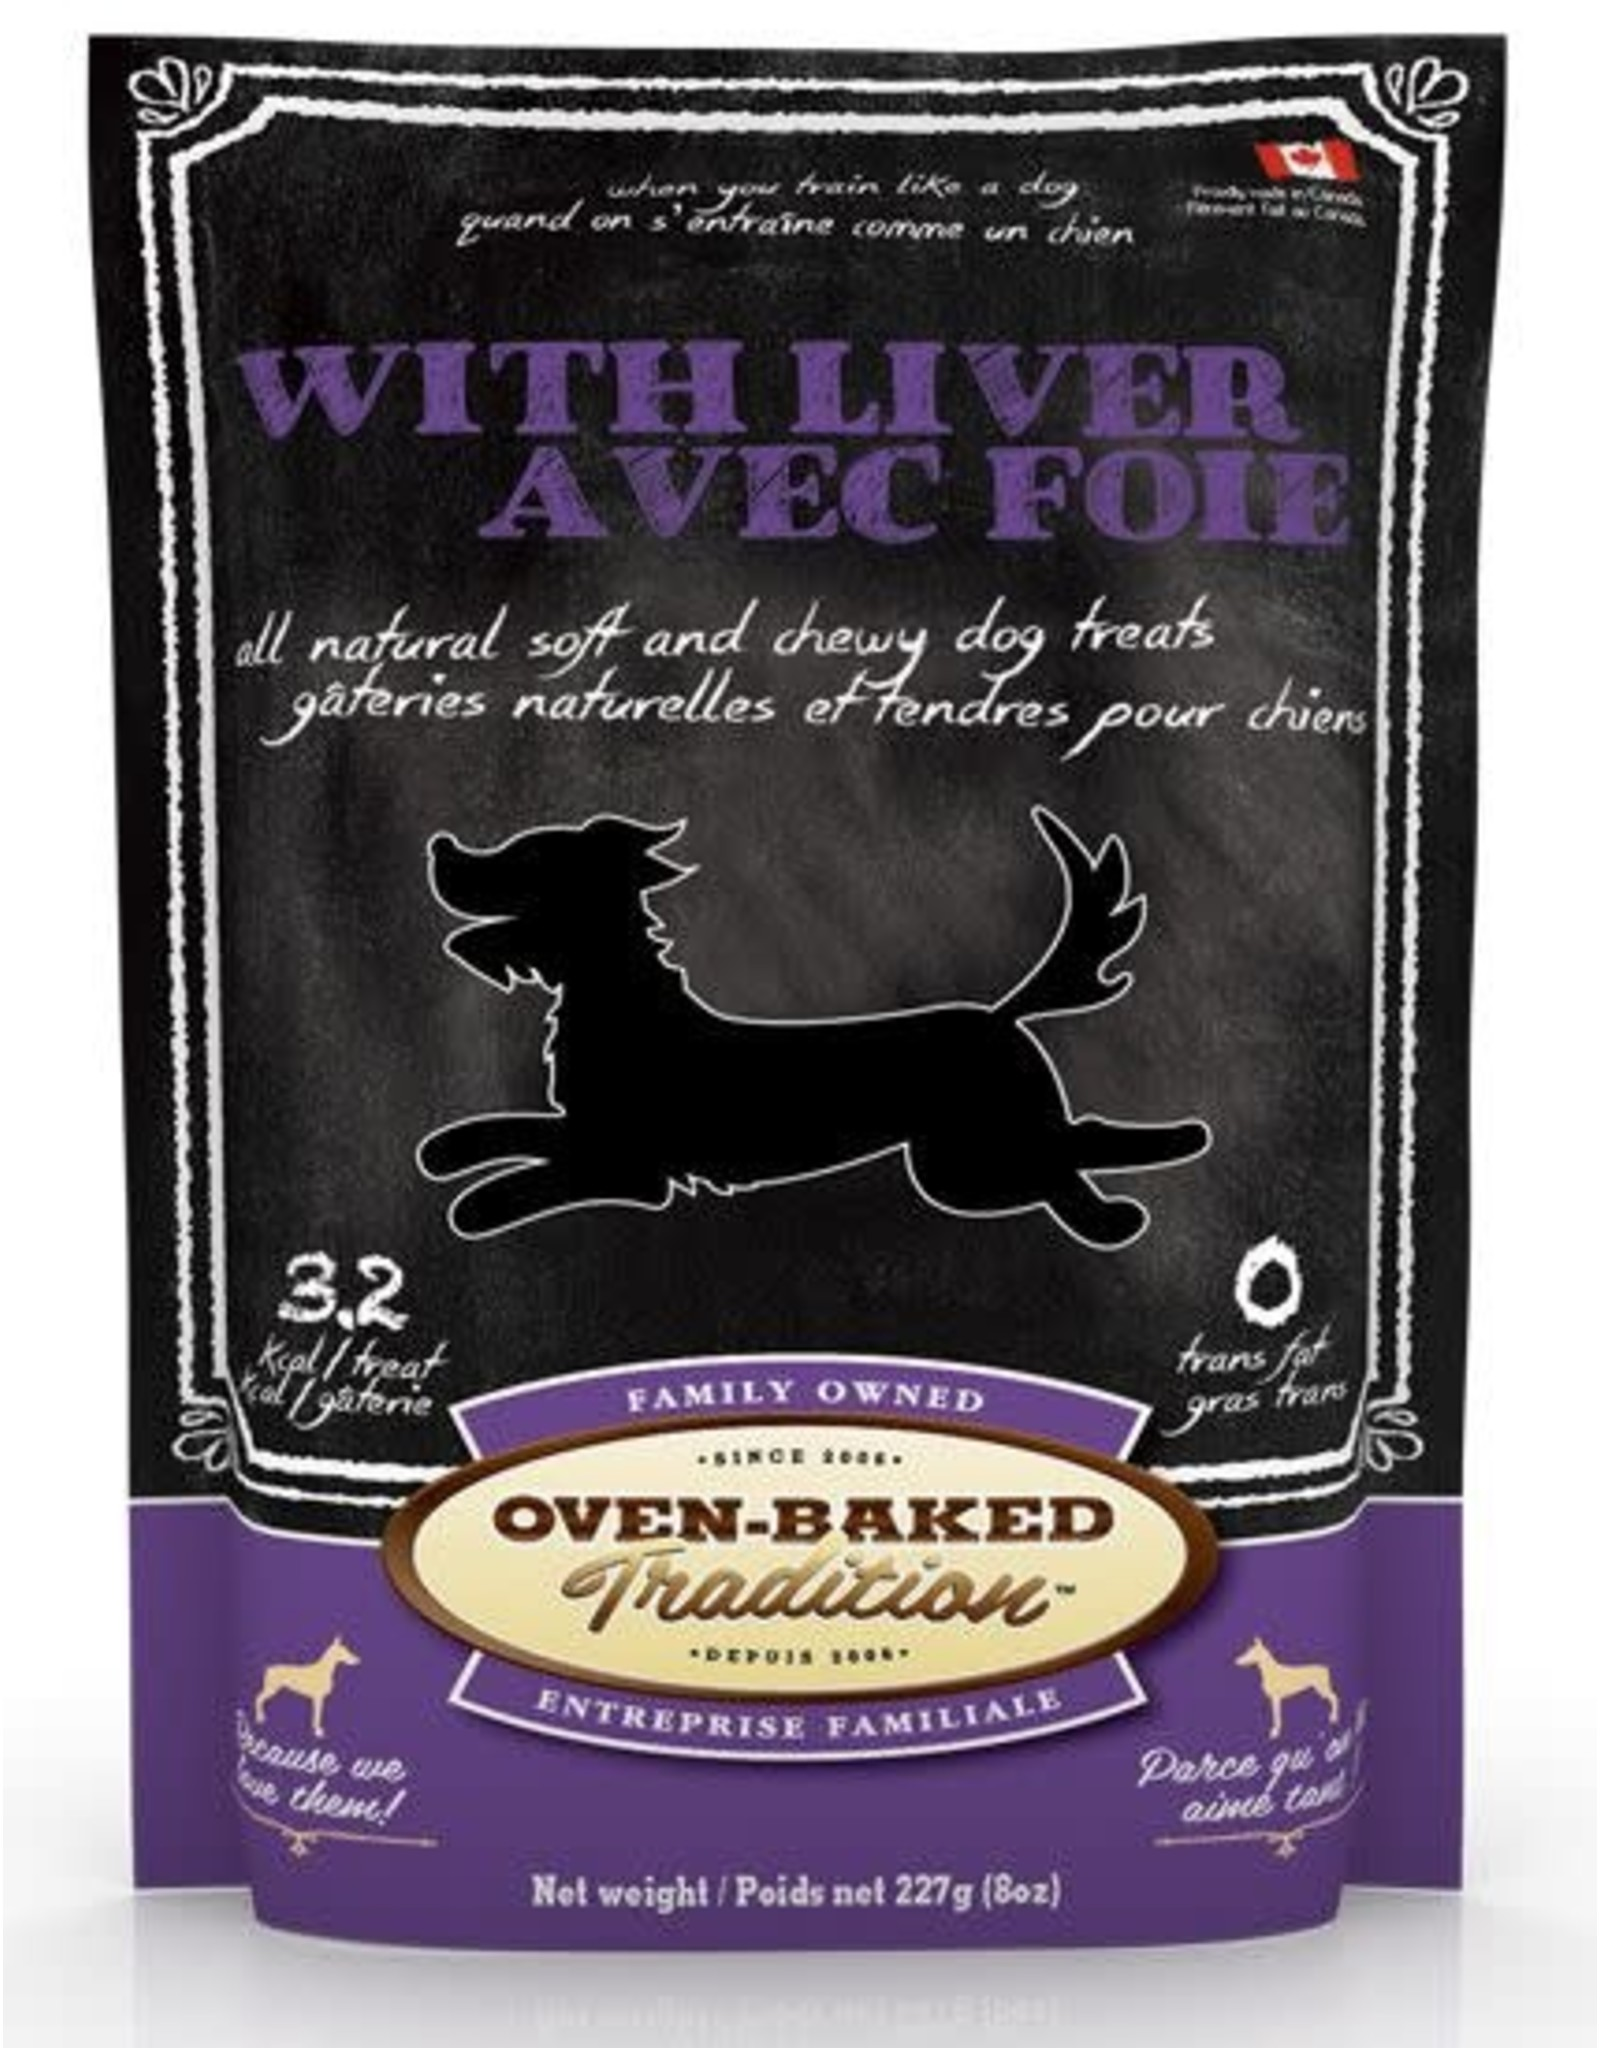 Oven Baked Tradition Oven Baked Tradition Soft & Chewy Liver Treats 8oz